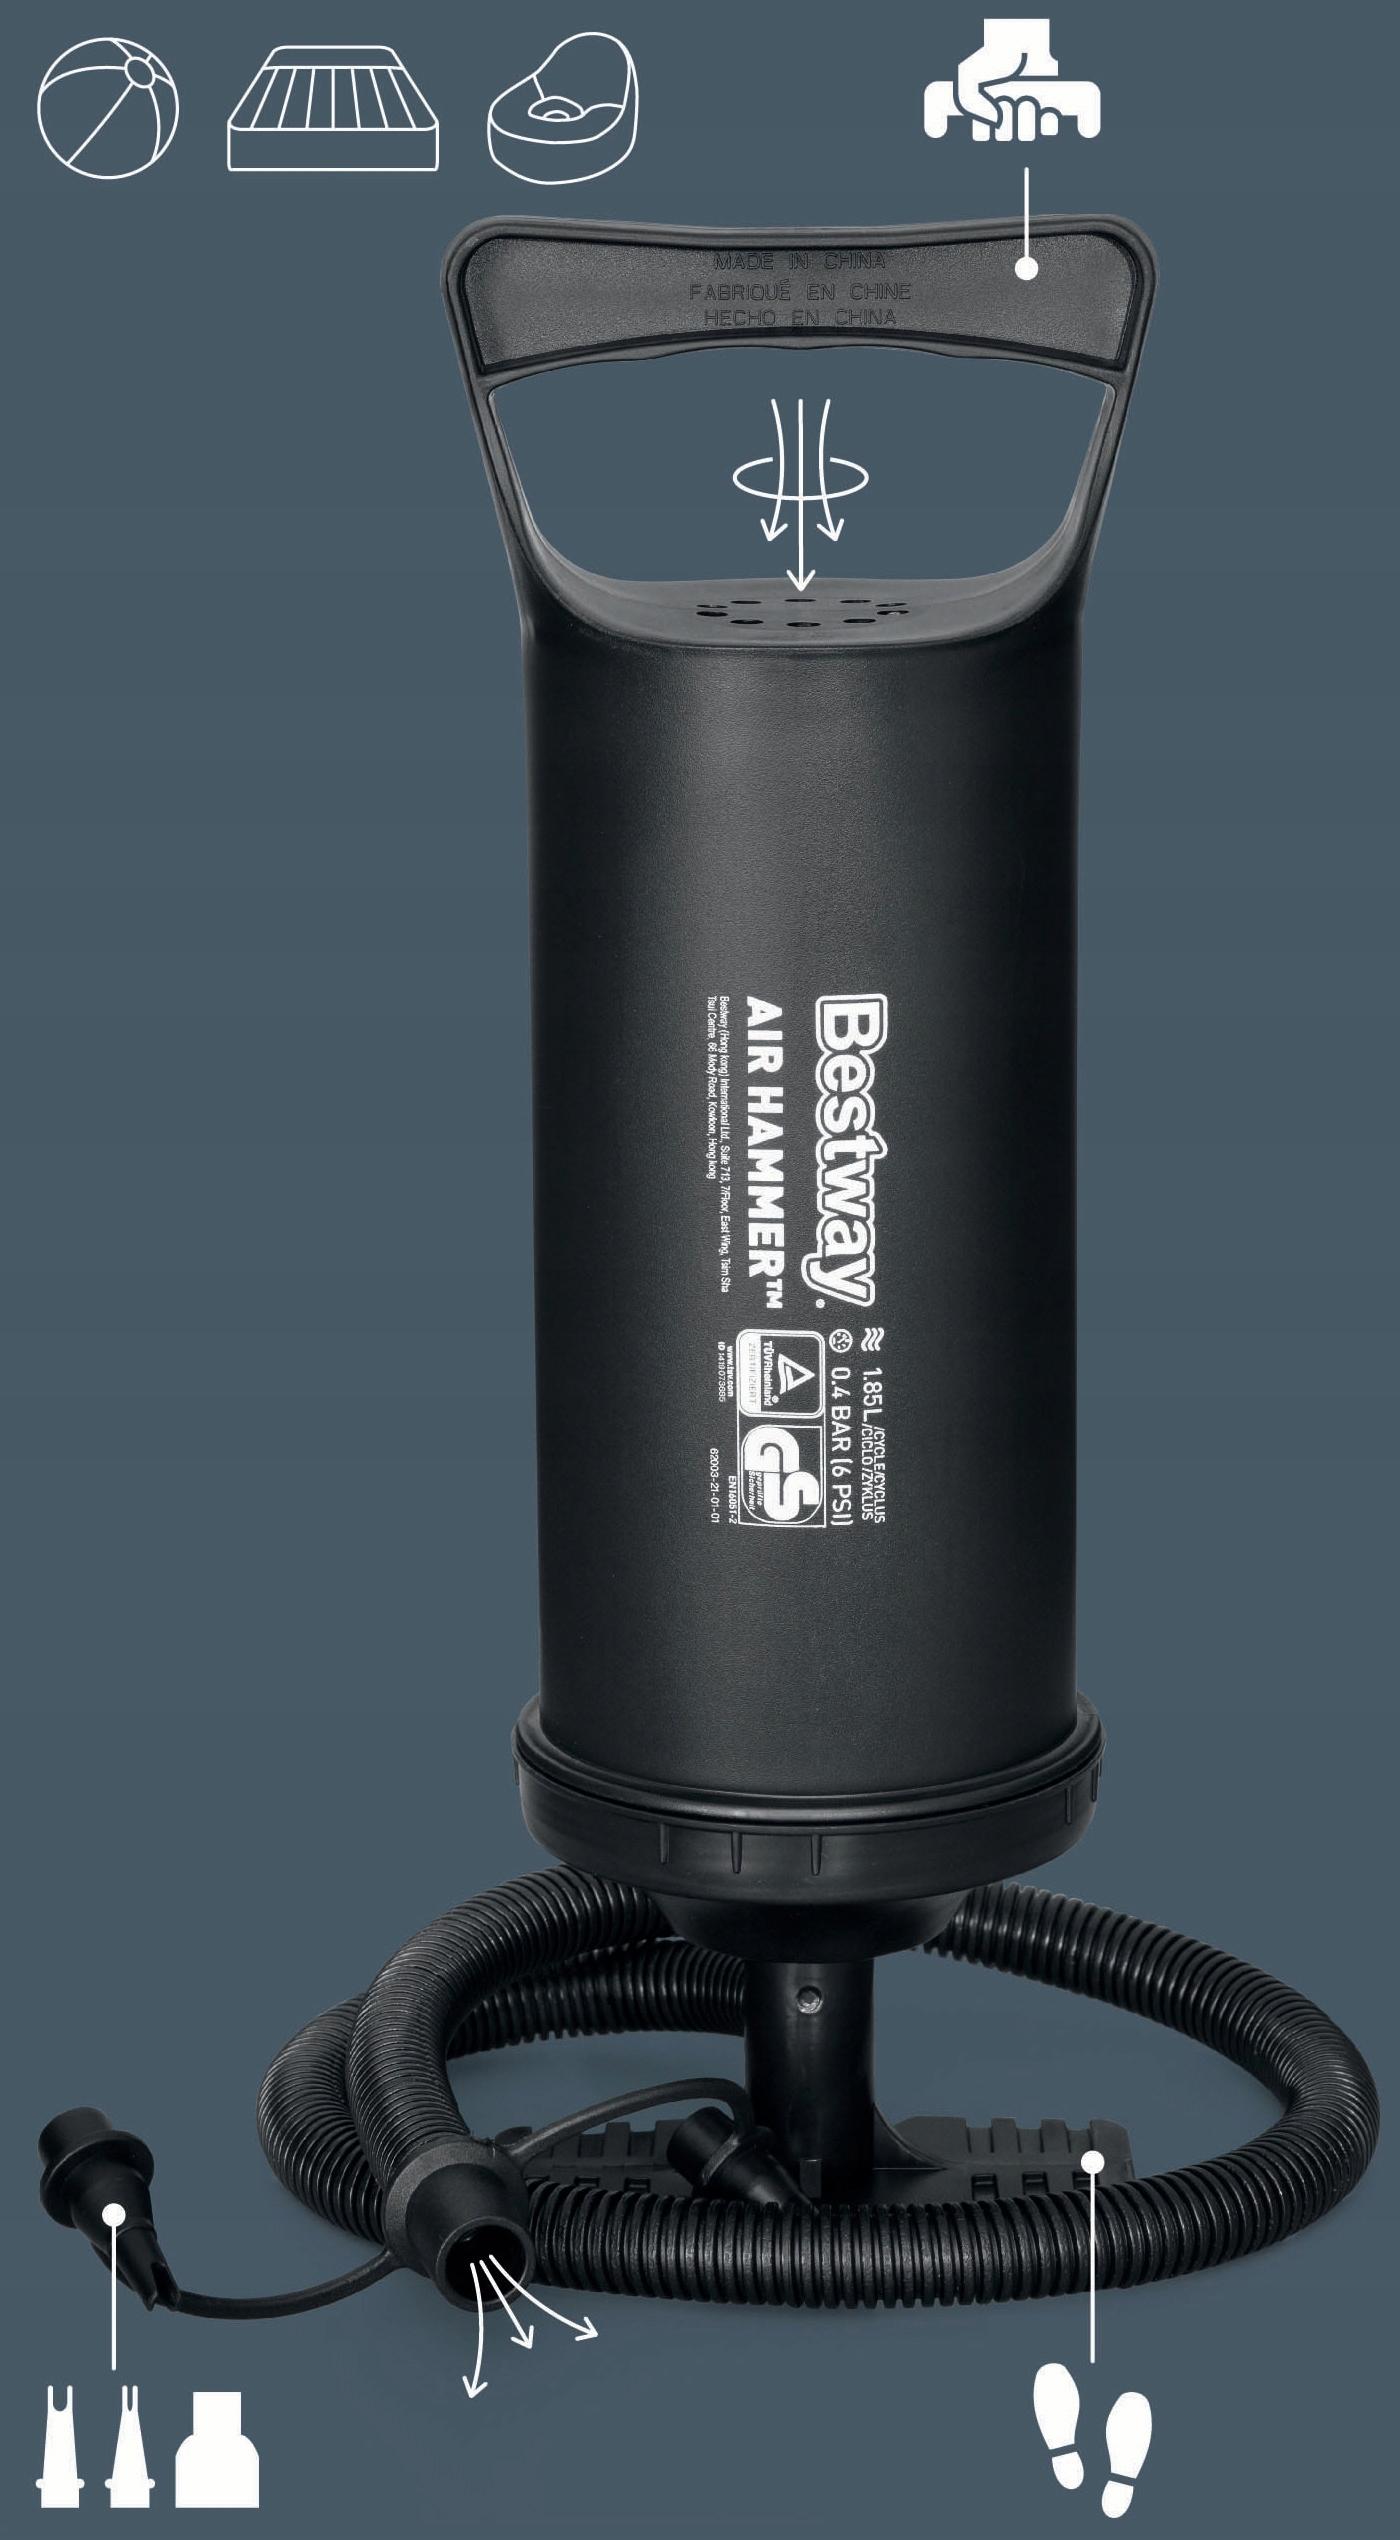 Ręczna POMPKA TŁOKOWA 36CM, BESTWAY 62003, DUŻA Kod producenta 62003